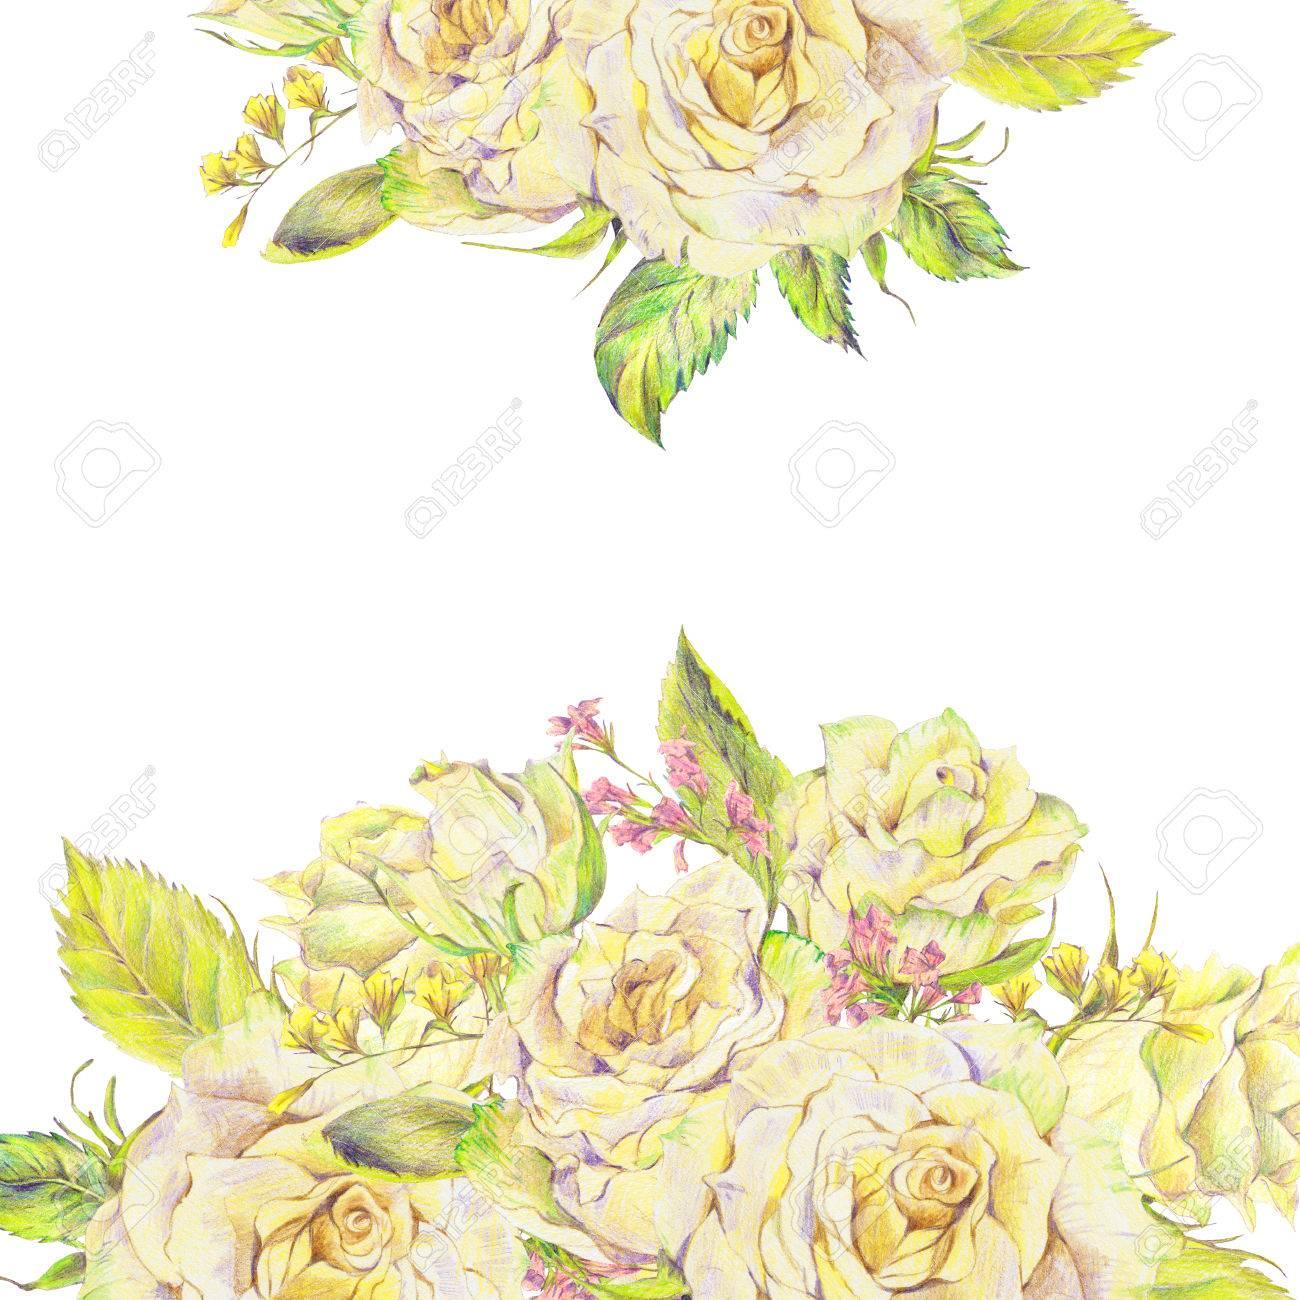 Ramo Dibujado Mano Floral Con Rosas Blancas Y Flores Silvestres